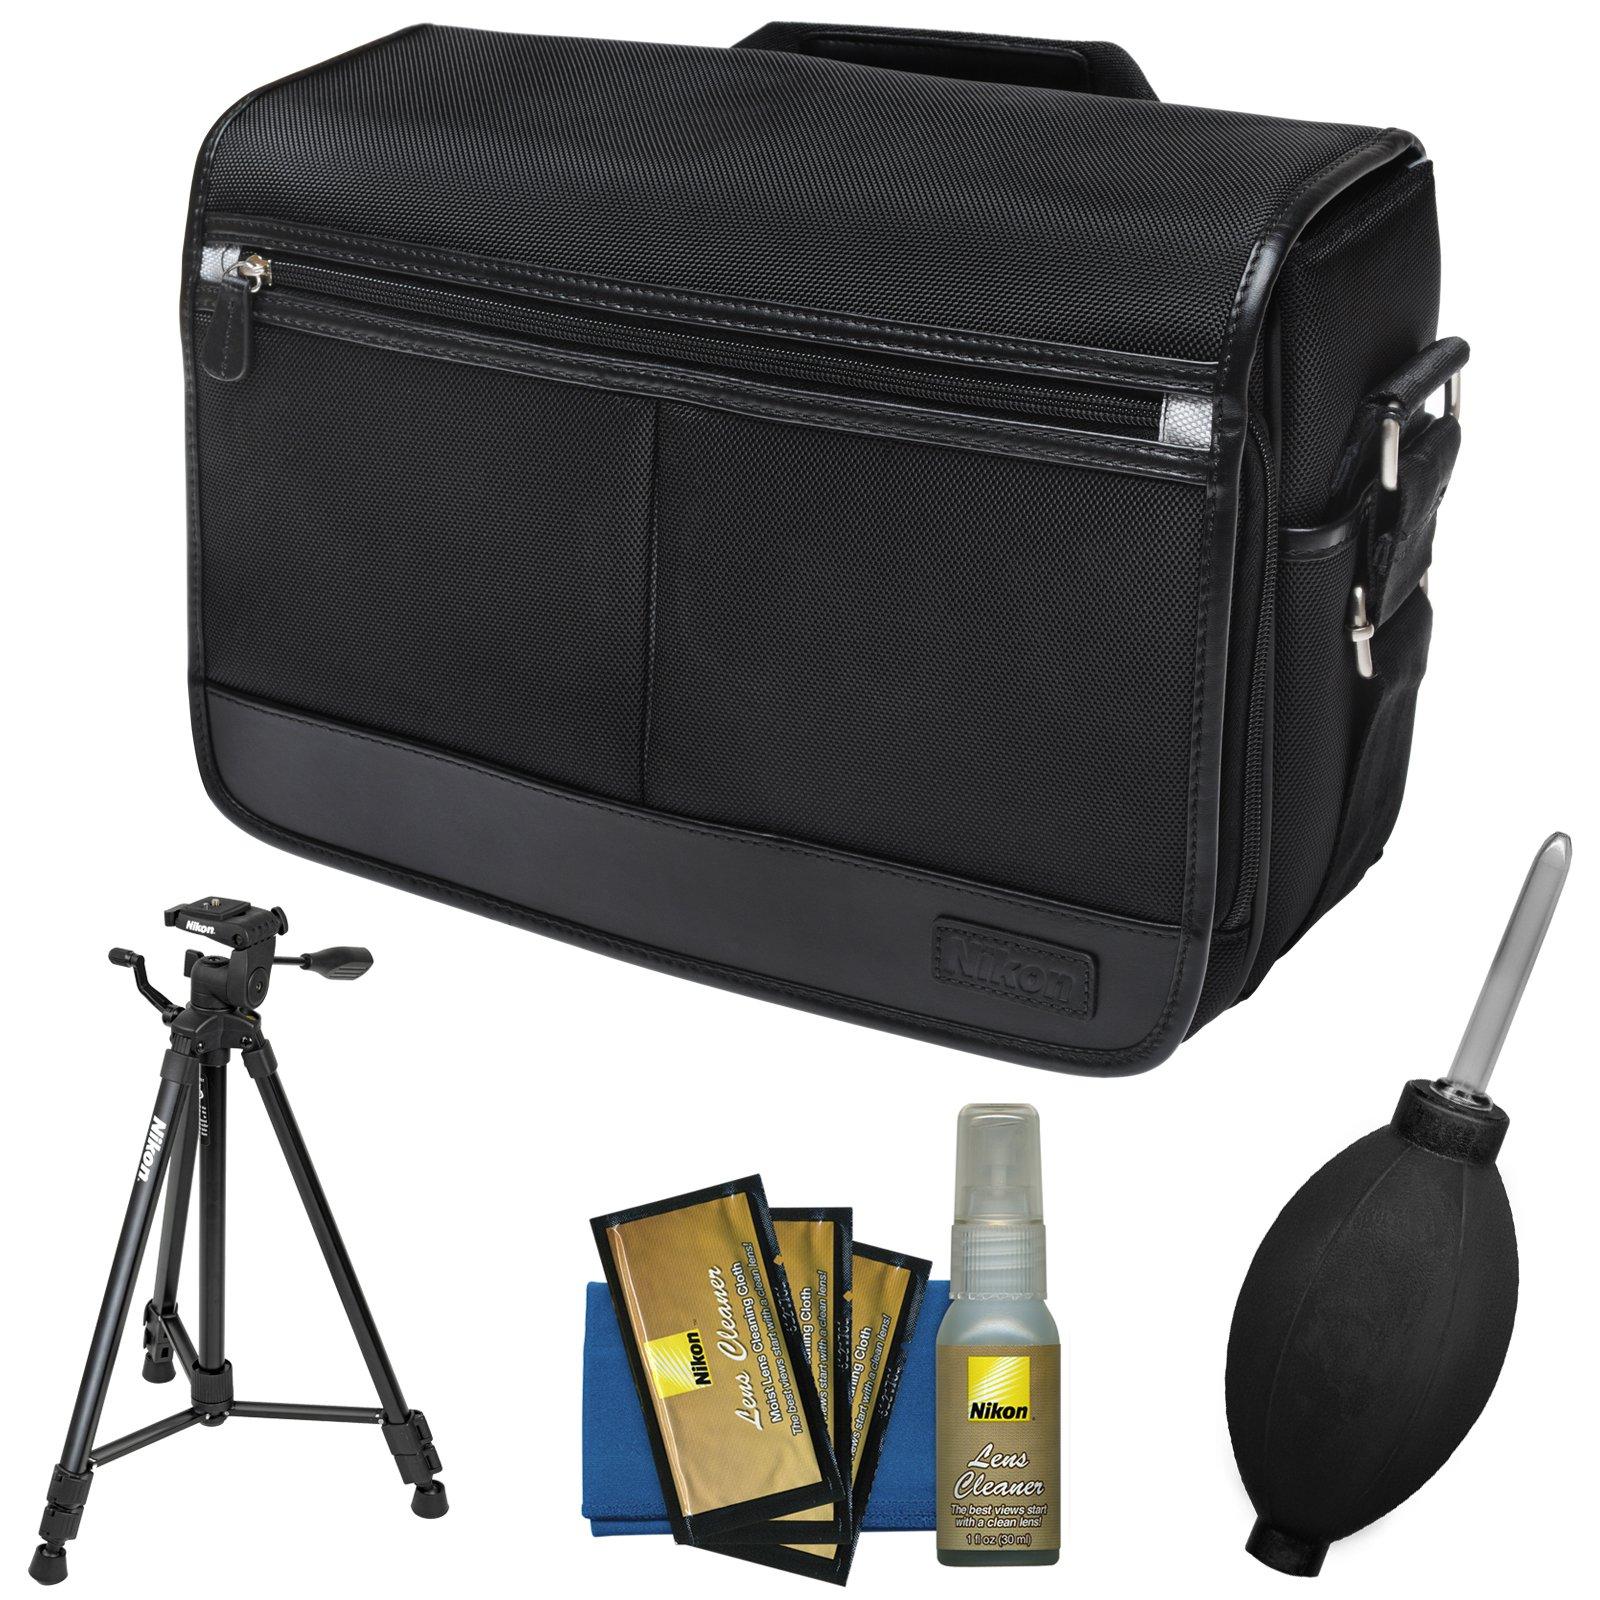 Nikon DSLR Camera/Tablet Messenger Shoulder Bag with Nikon 60'' Tripod + Kit for D4s, Df, D810, D750, D610, D7200, D7100, D5500, D5300, D3300, D3200